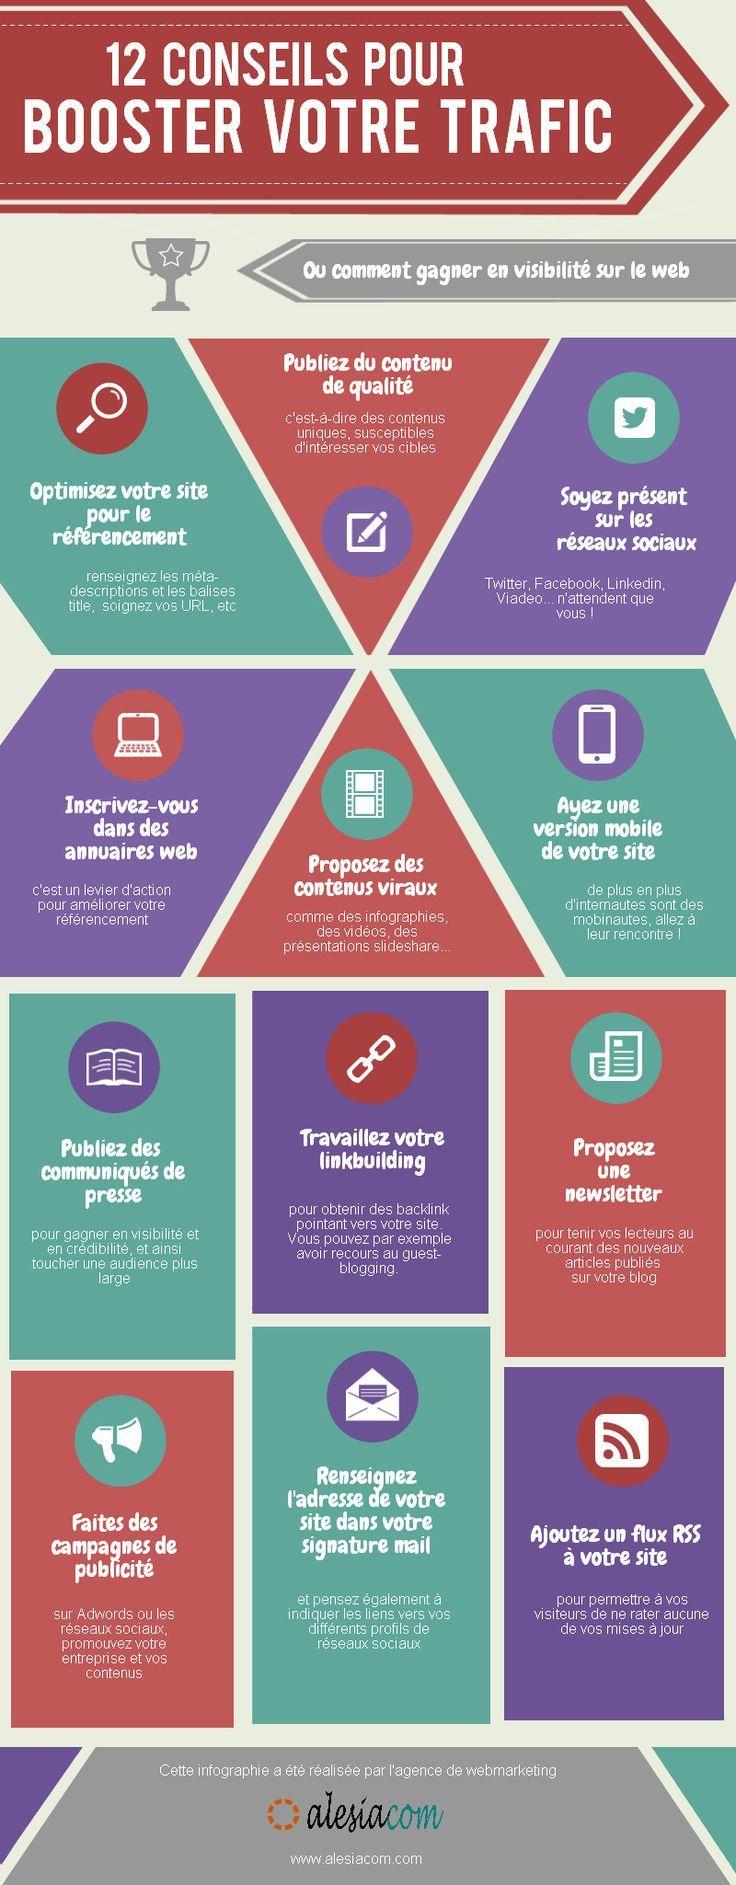 Comment Donner De La Visibilite A Votre Entreprise Sur Internet Marketing De L Entreprise Faire Connaitre Marketing Digital